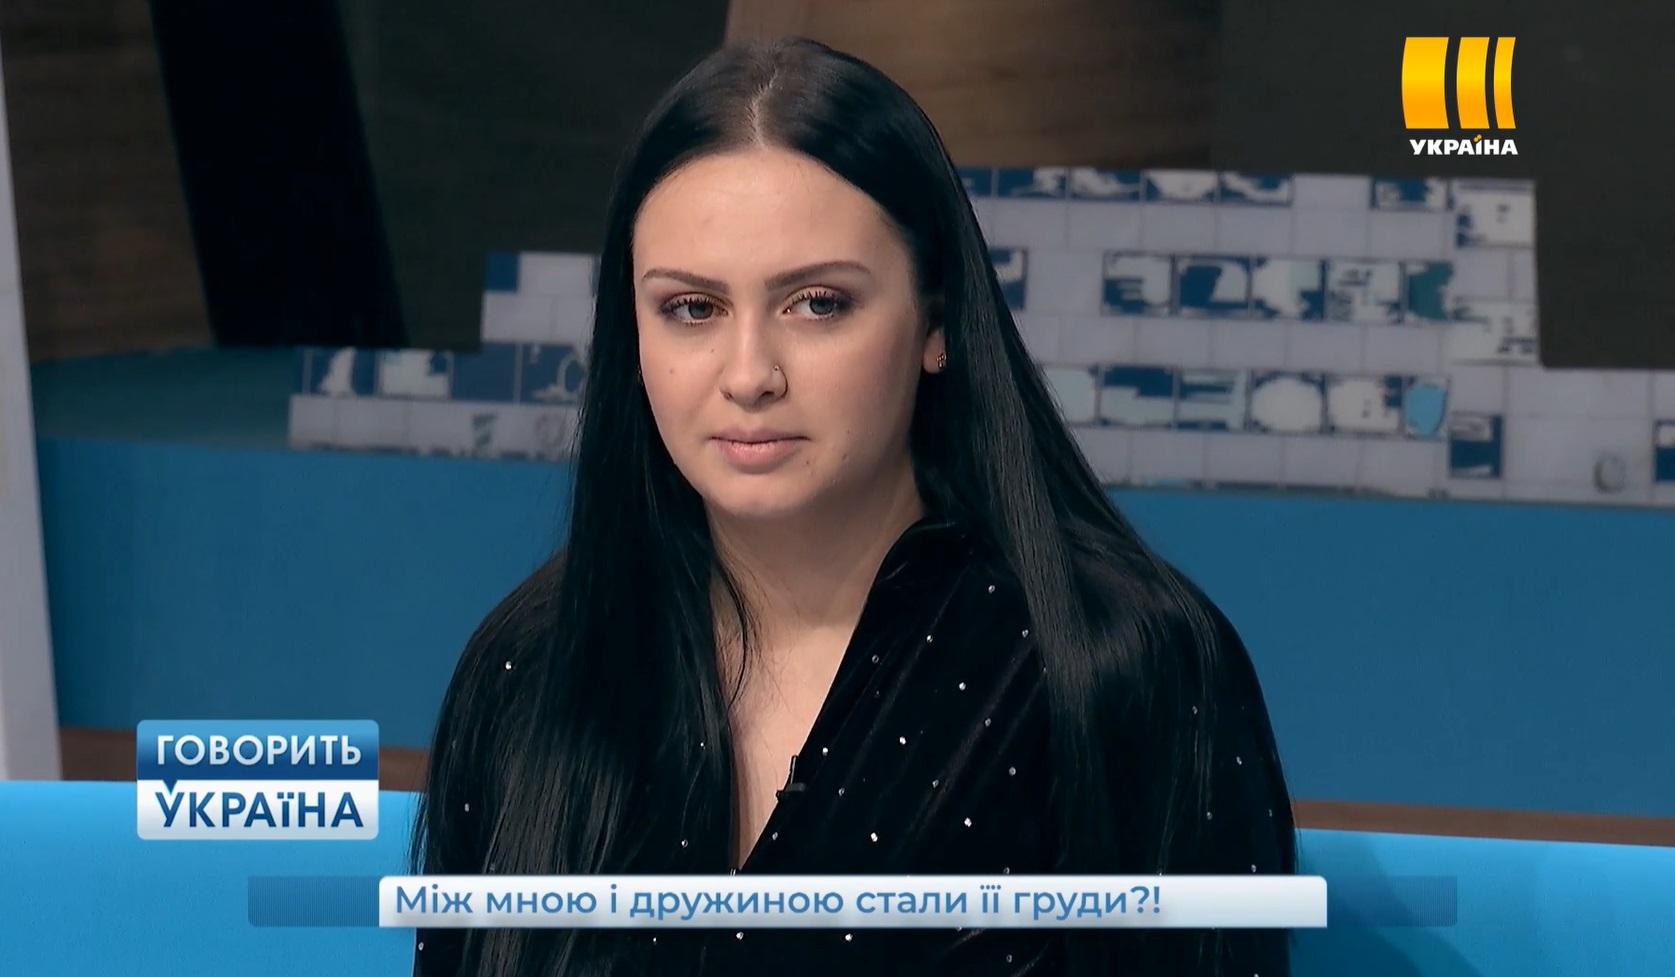 Украинка решила избавиться от своей груди 7 размера: переживаю, чтобы не вырос горб